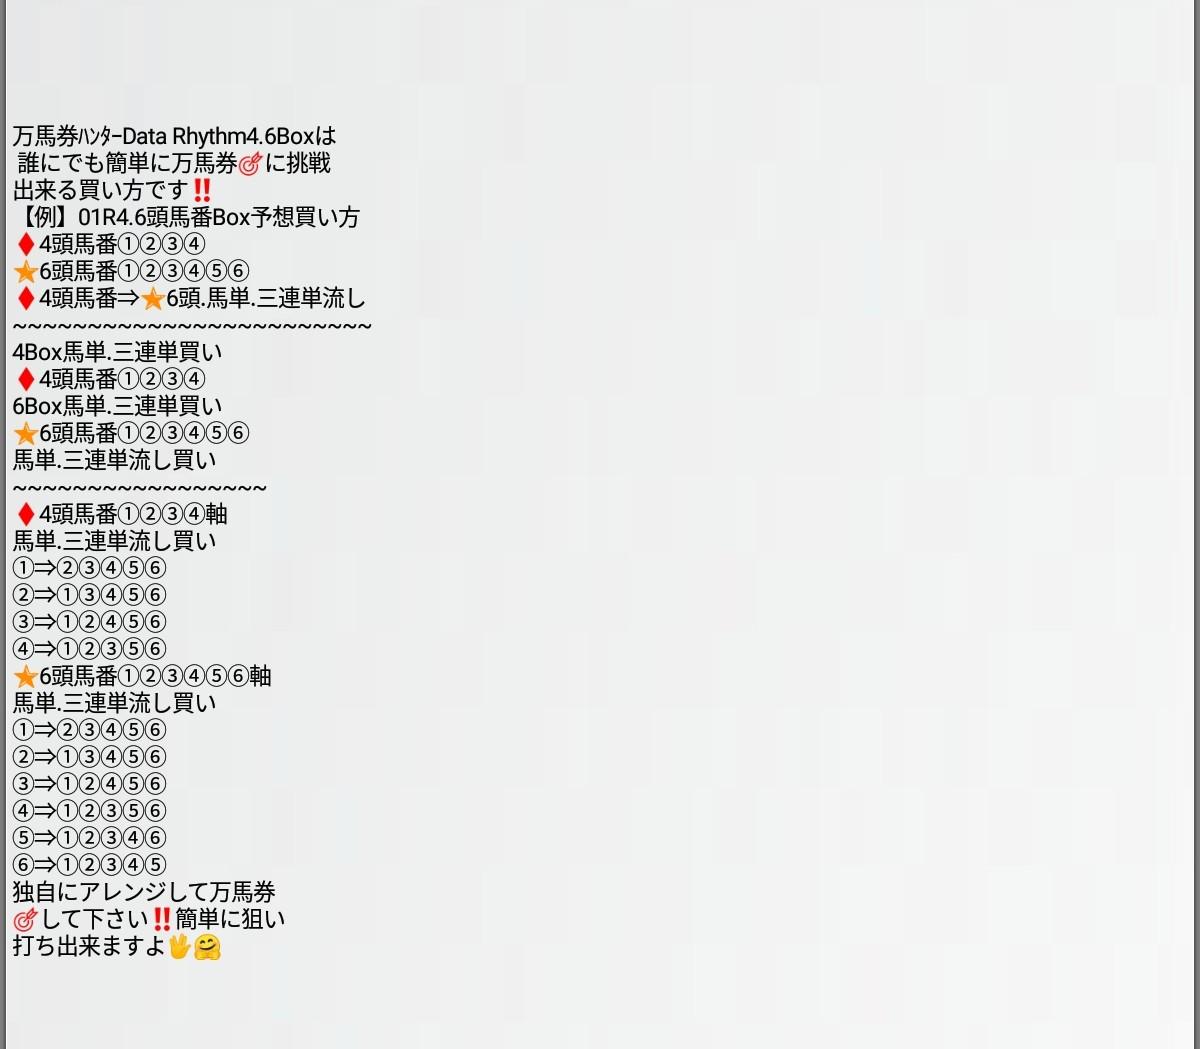 11/1~23迄万馬券64本🎯東京02R⑩⑯⑮12,840円🎯東京03R⑬⑮④44,300円🎯東京02R03R万馬券連続🎯 #万馬券ハンターDR 6Boxまだ間に合うC=C=\(;・_・)/で販売中‼️😀